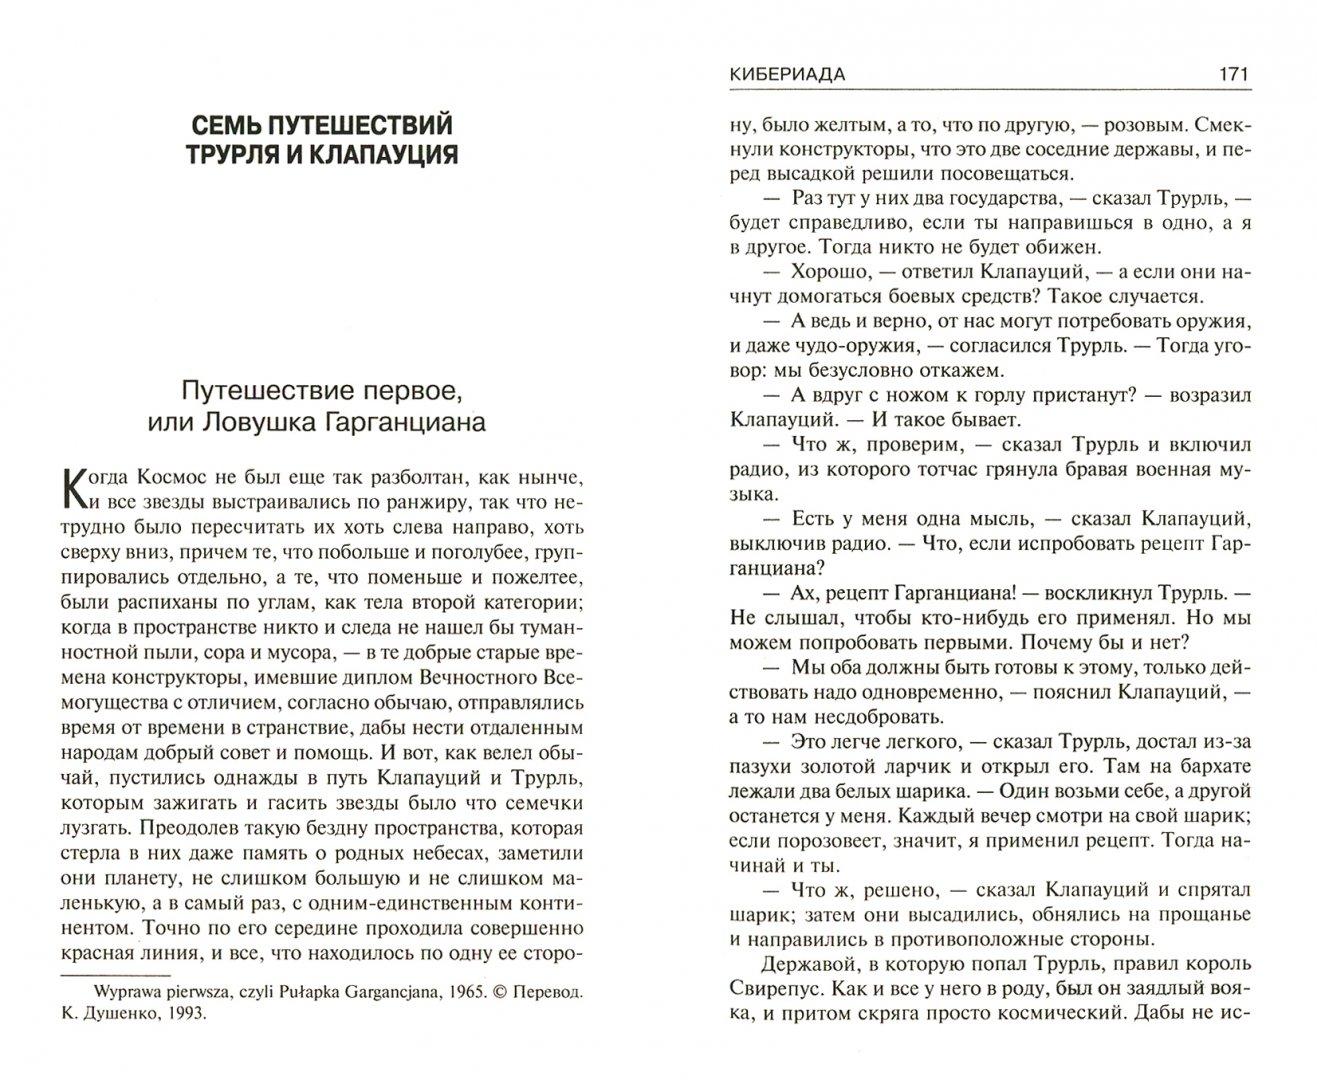 Иллюстрация 1 из 22 для Кибериада. Сказки роботов - Станислав Лем | Лабиринт - книги. Источник: Лабиринт